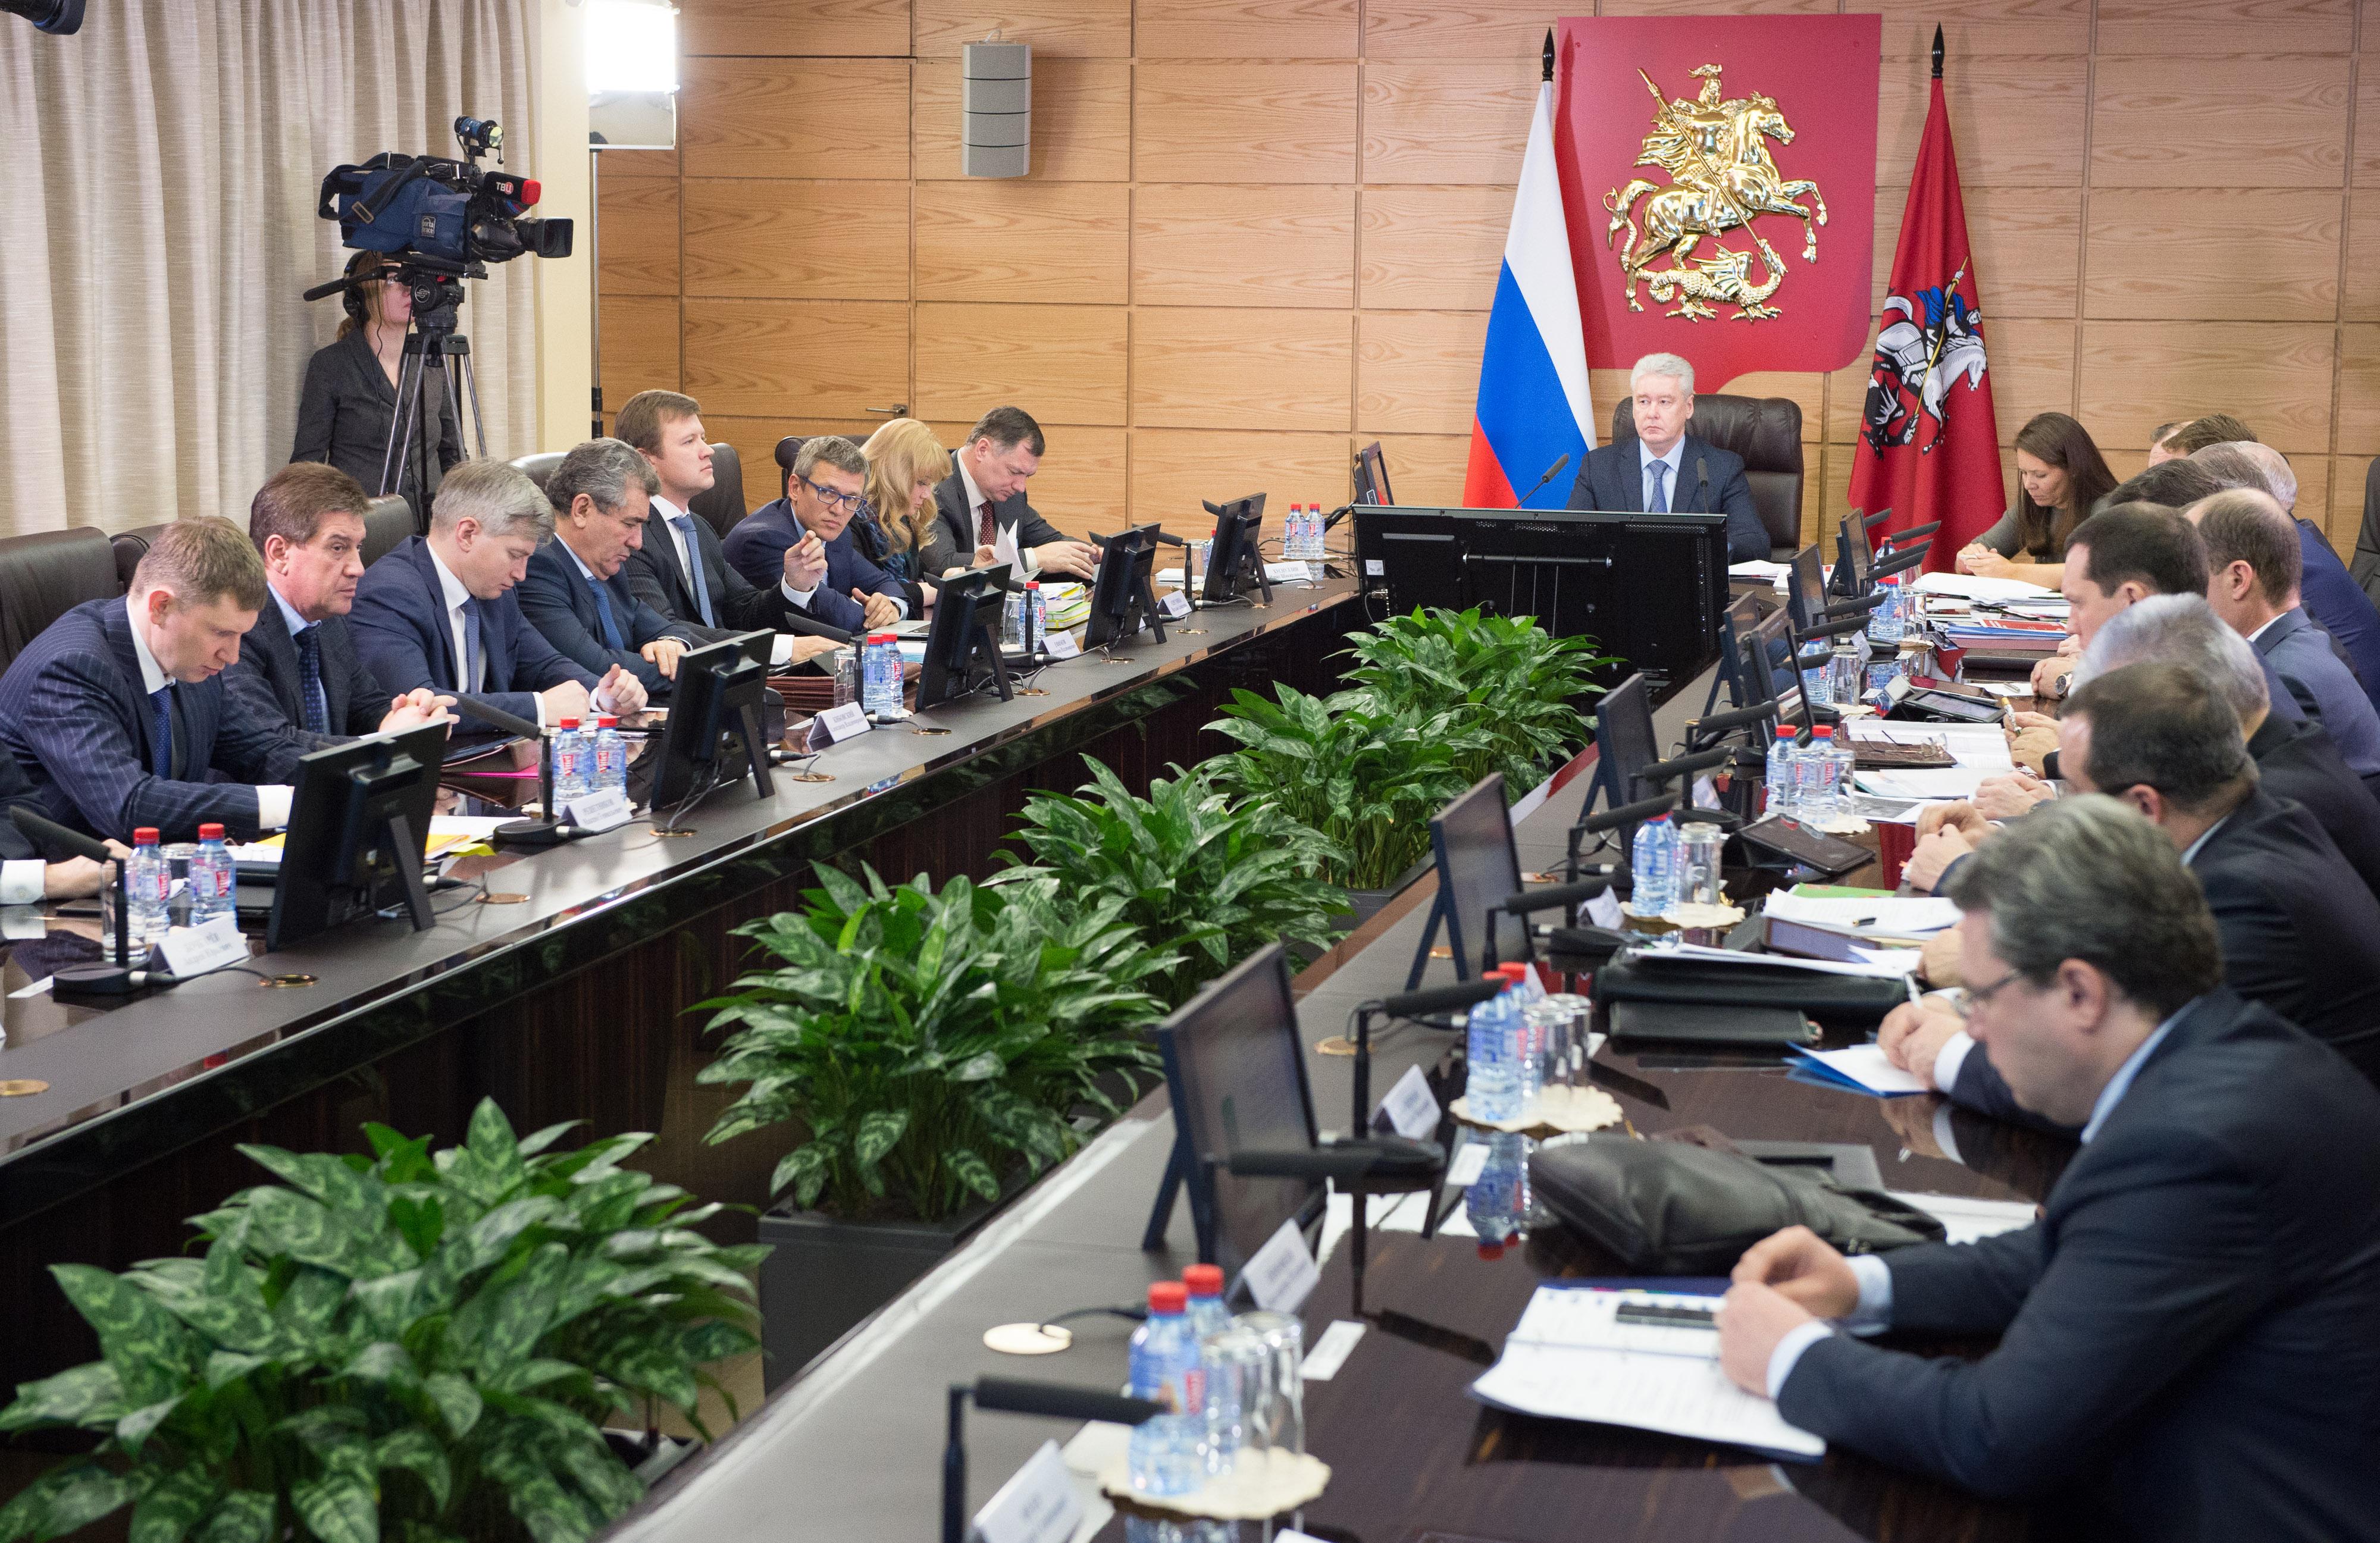 Совещание по оперативным вопросам в правительстве Москвы